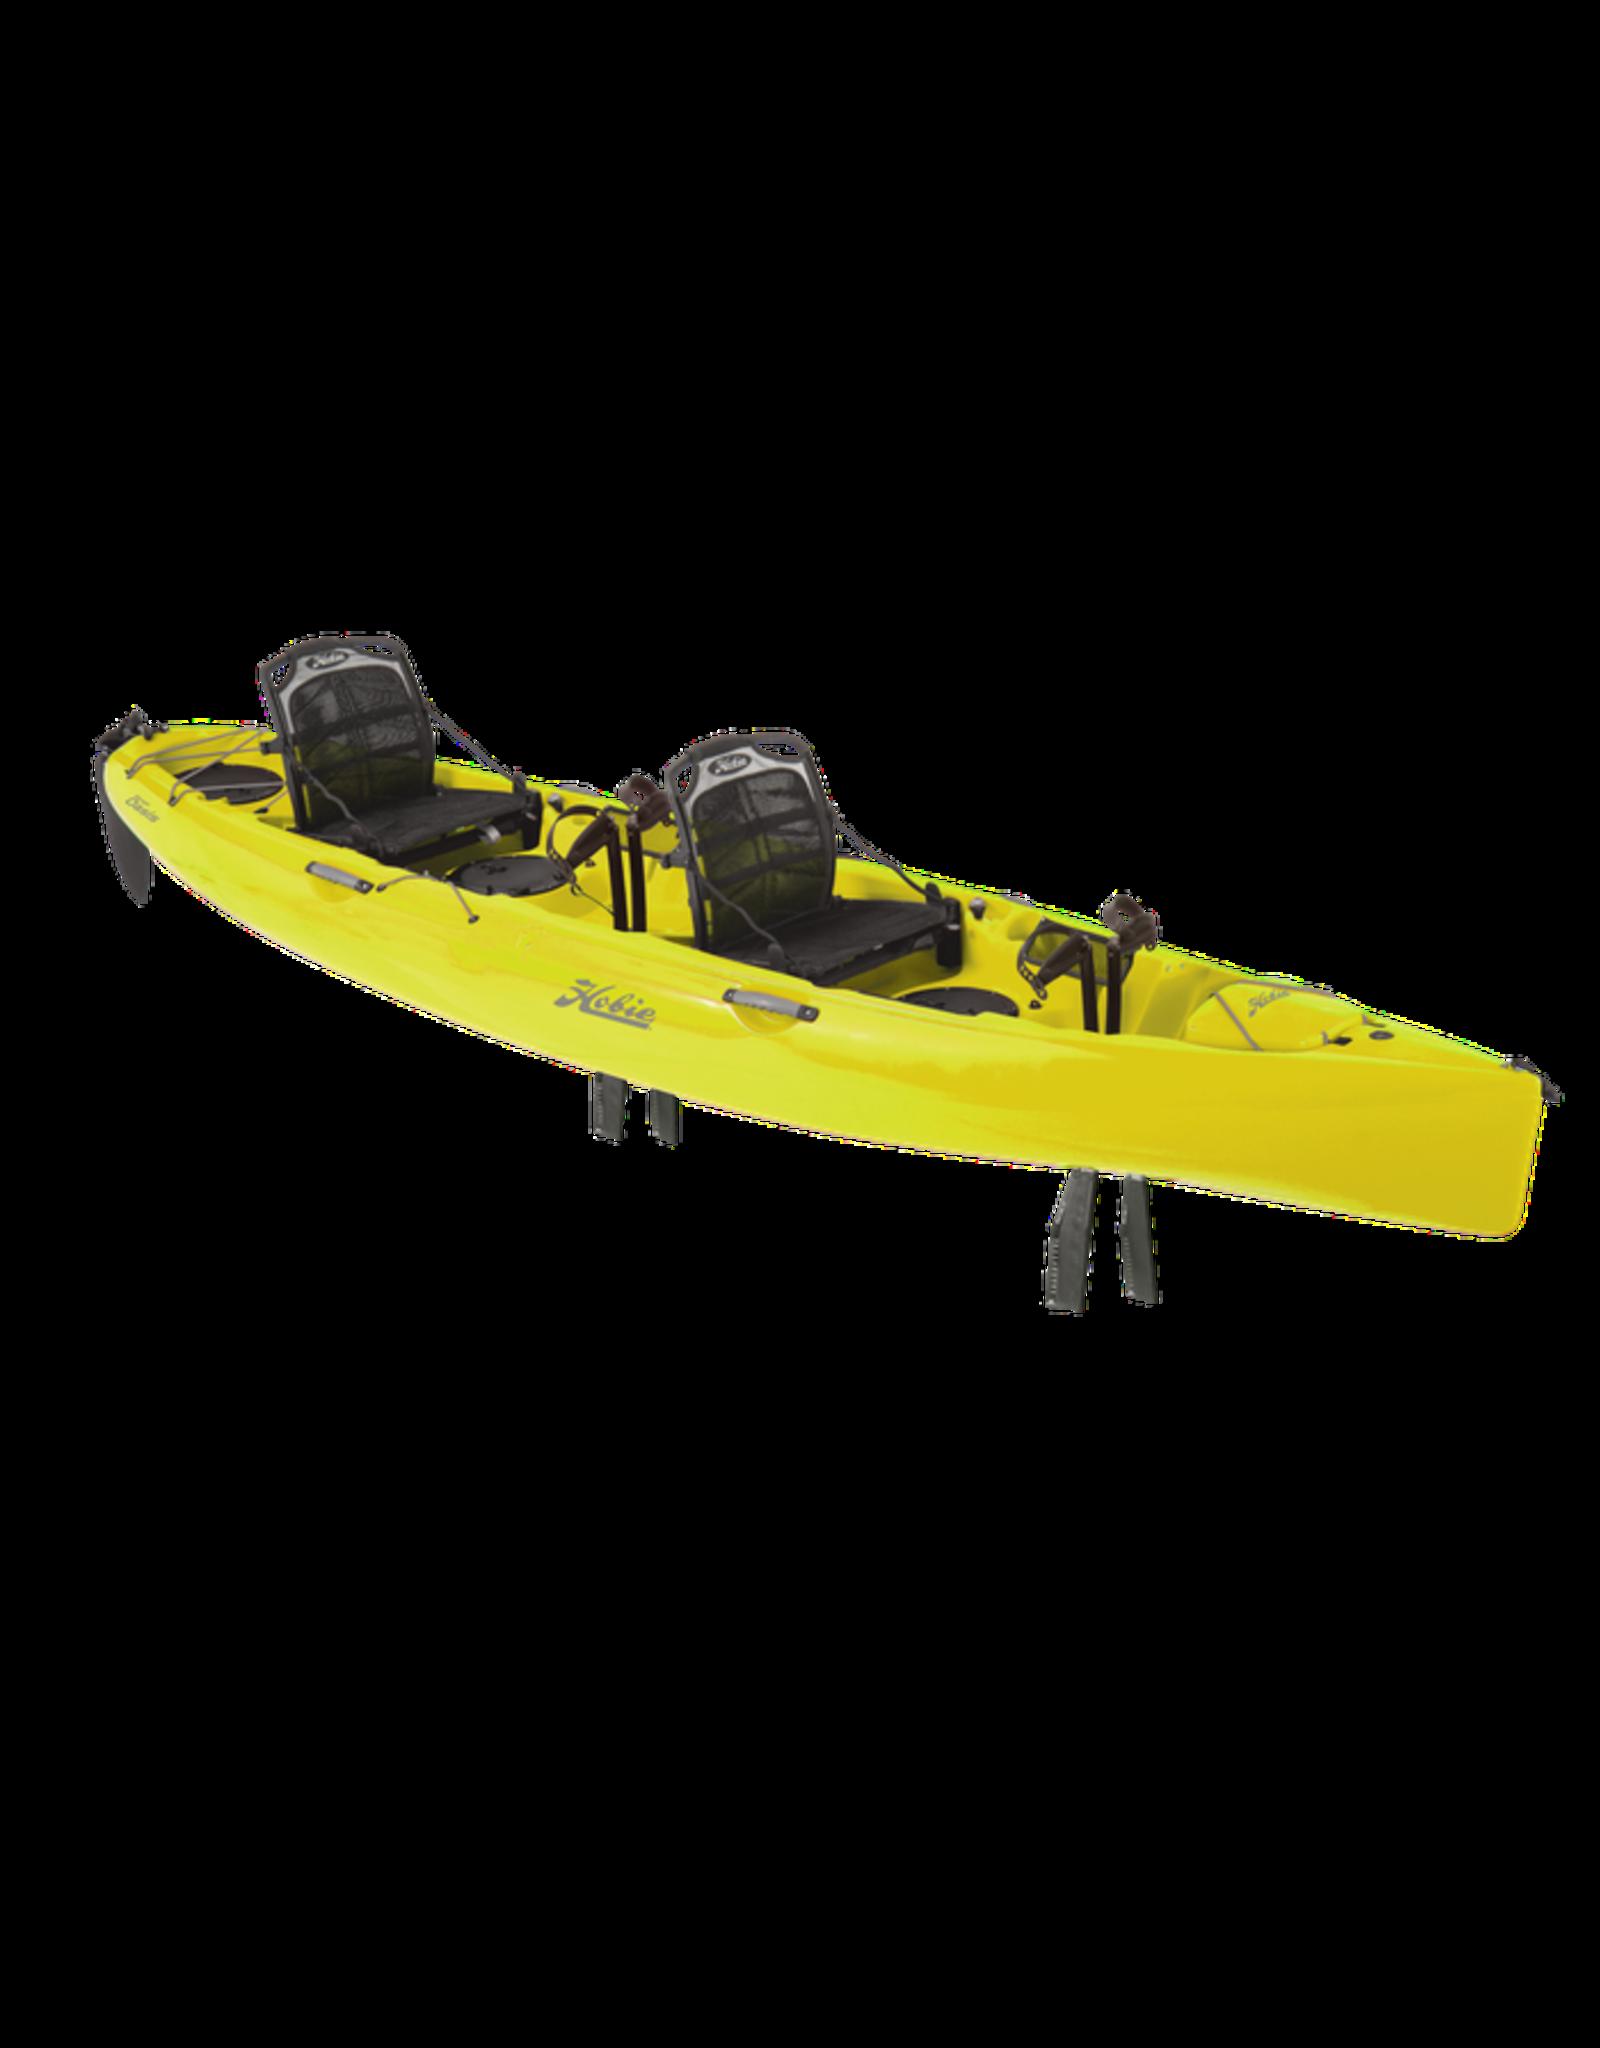 Hobie Hobie kayak Oasis (2) MD 180 Kick-Up Fin